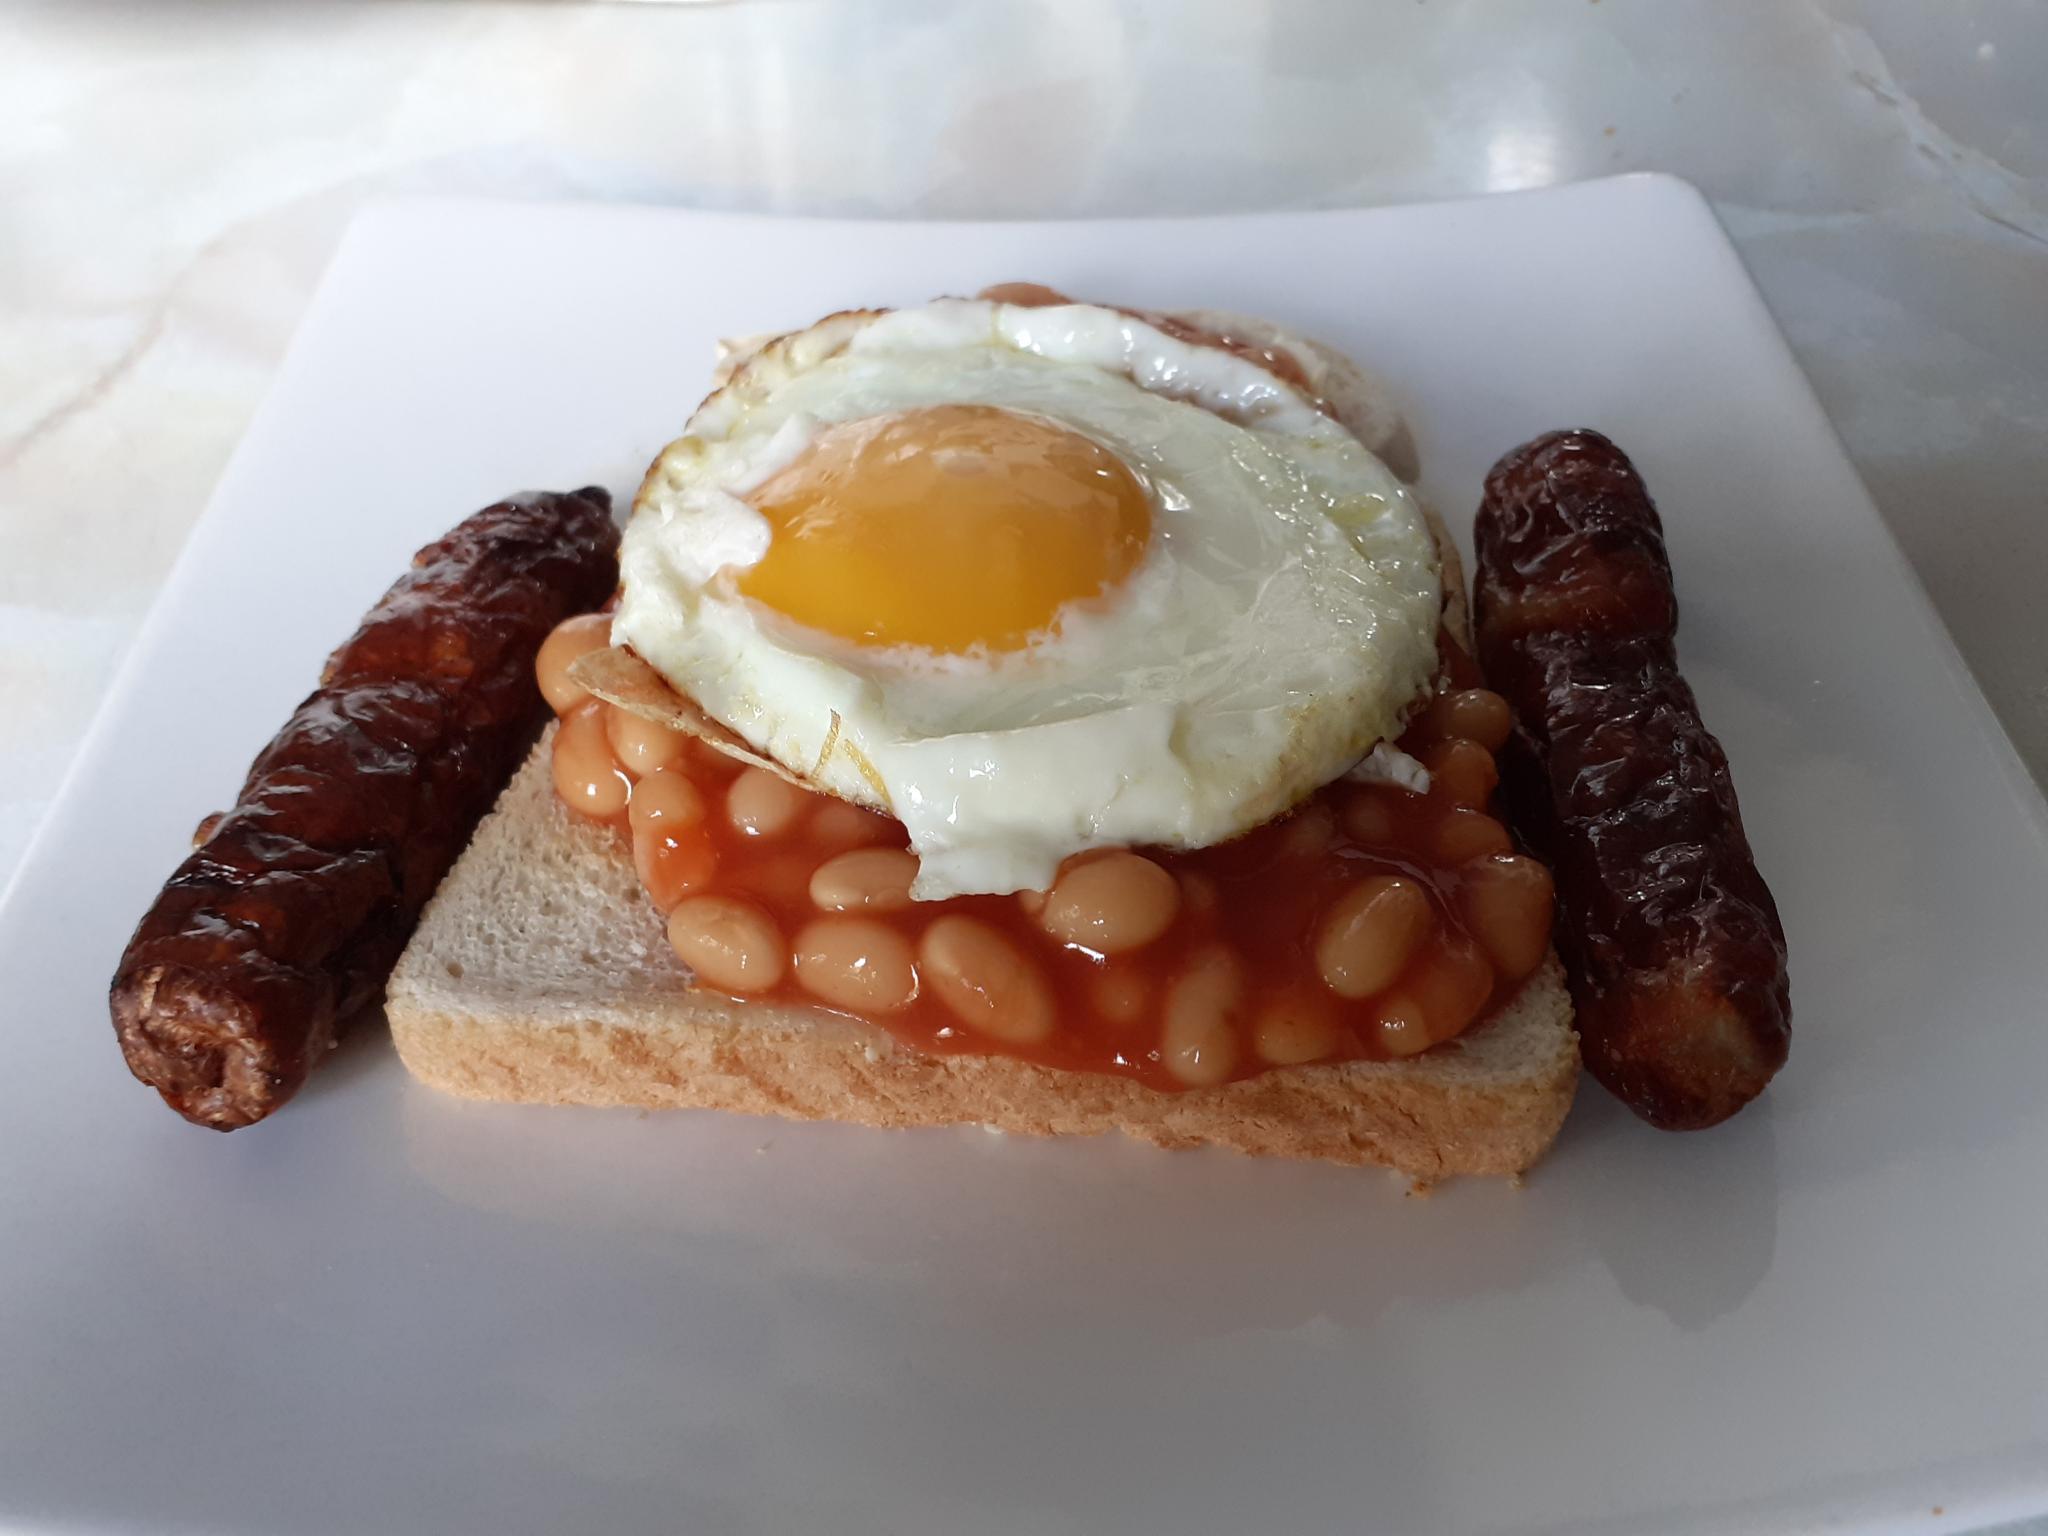 Breakfast-20200516_164159-jpg